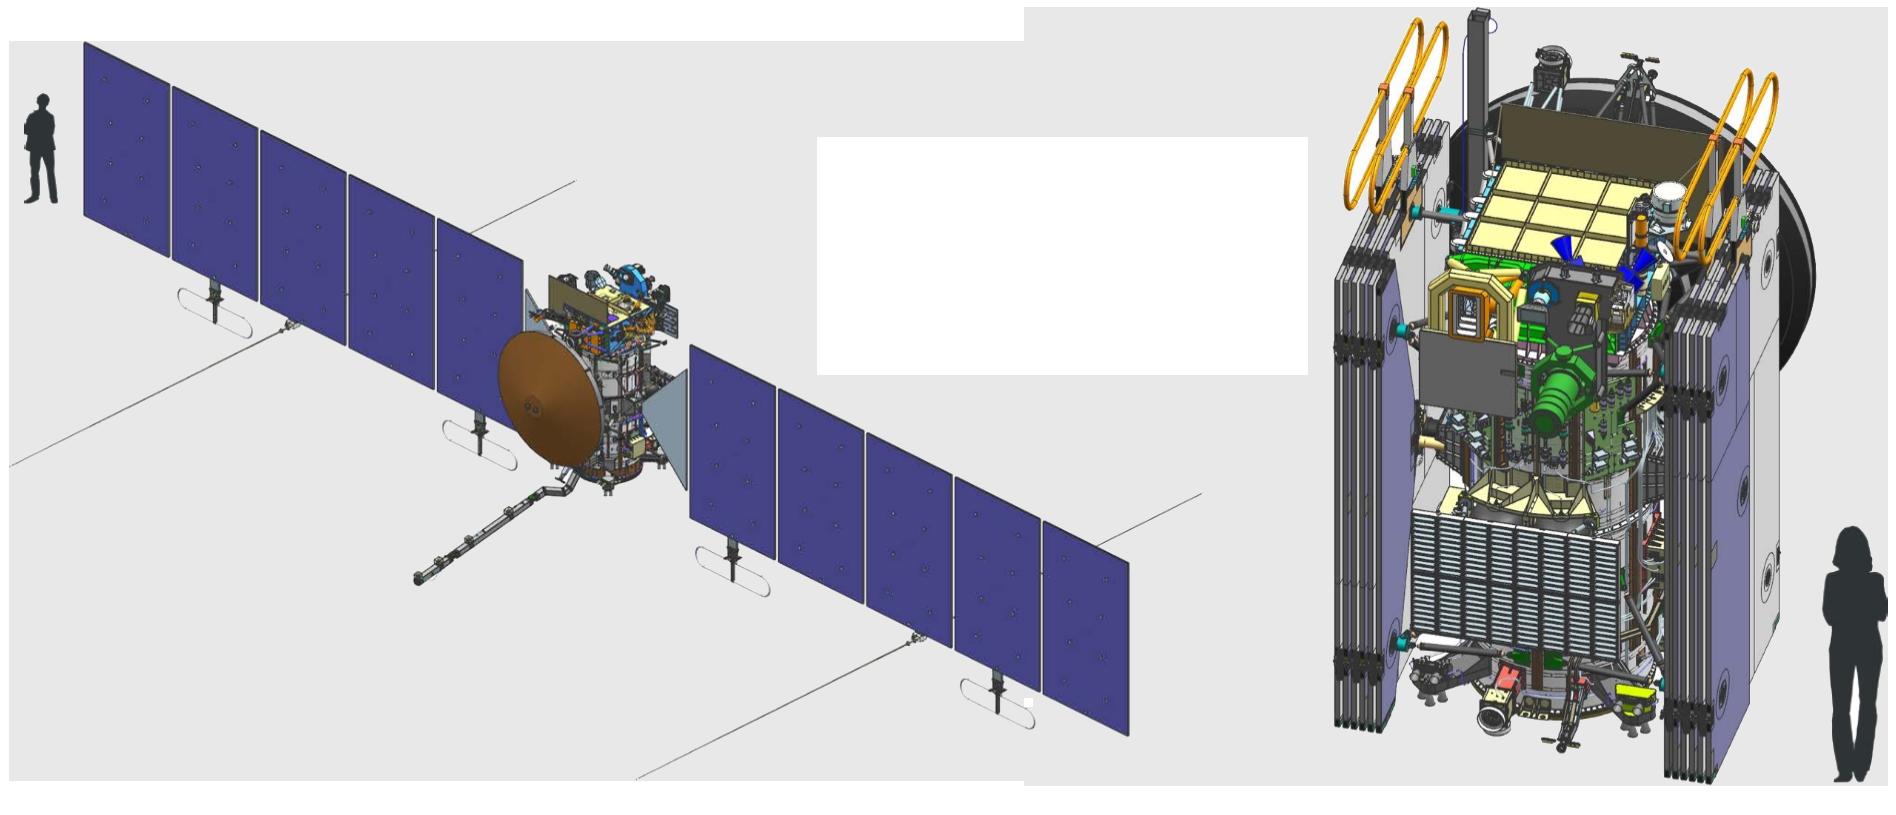 Europa Clipper render (NASA) 3